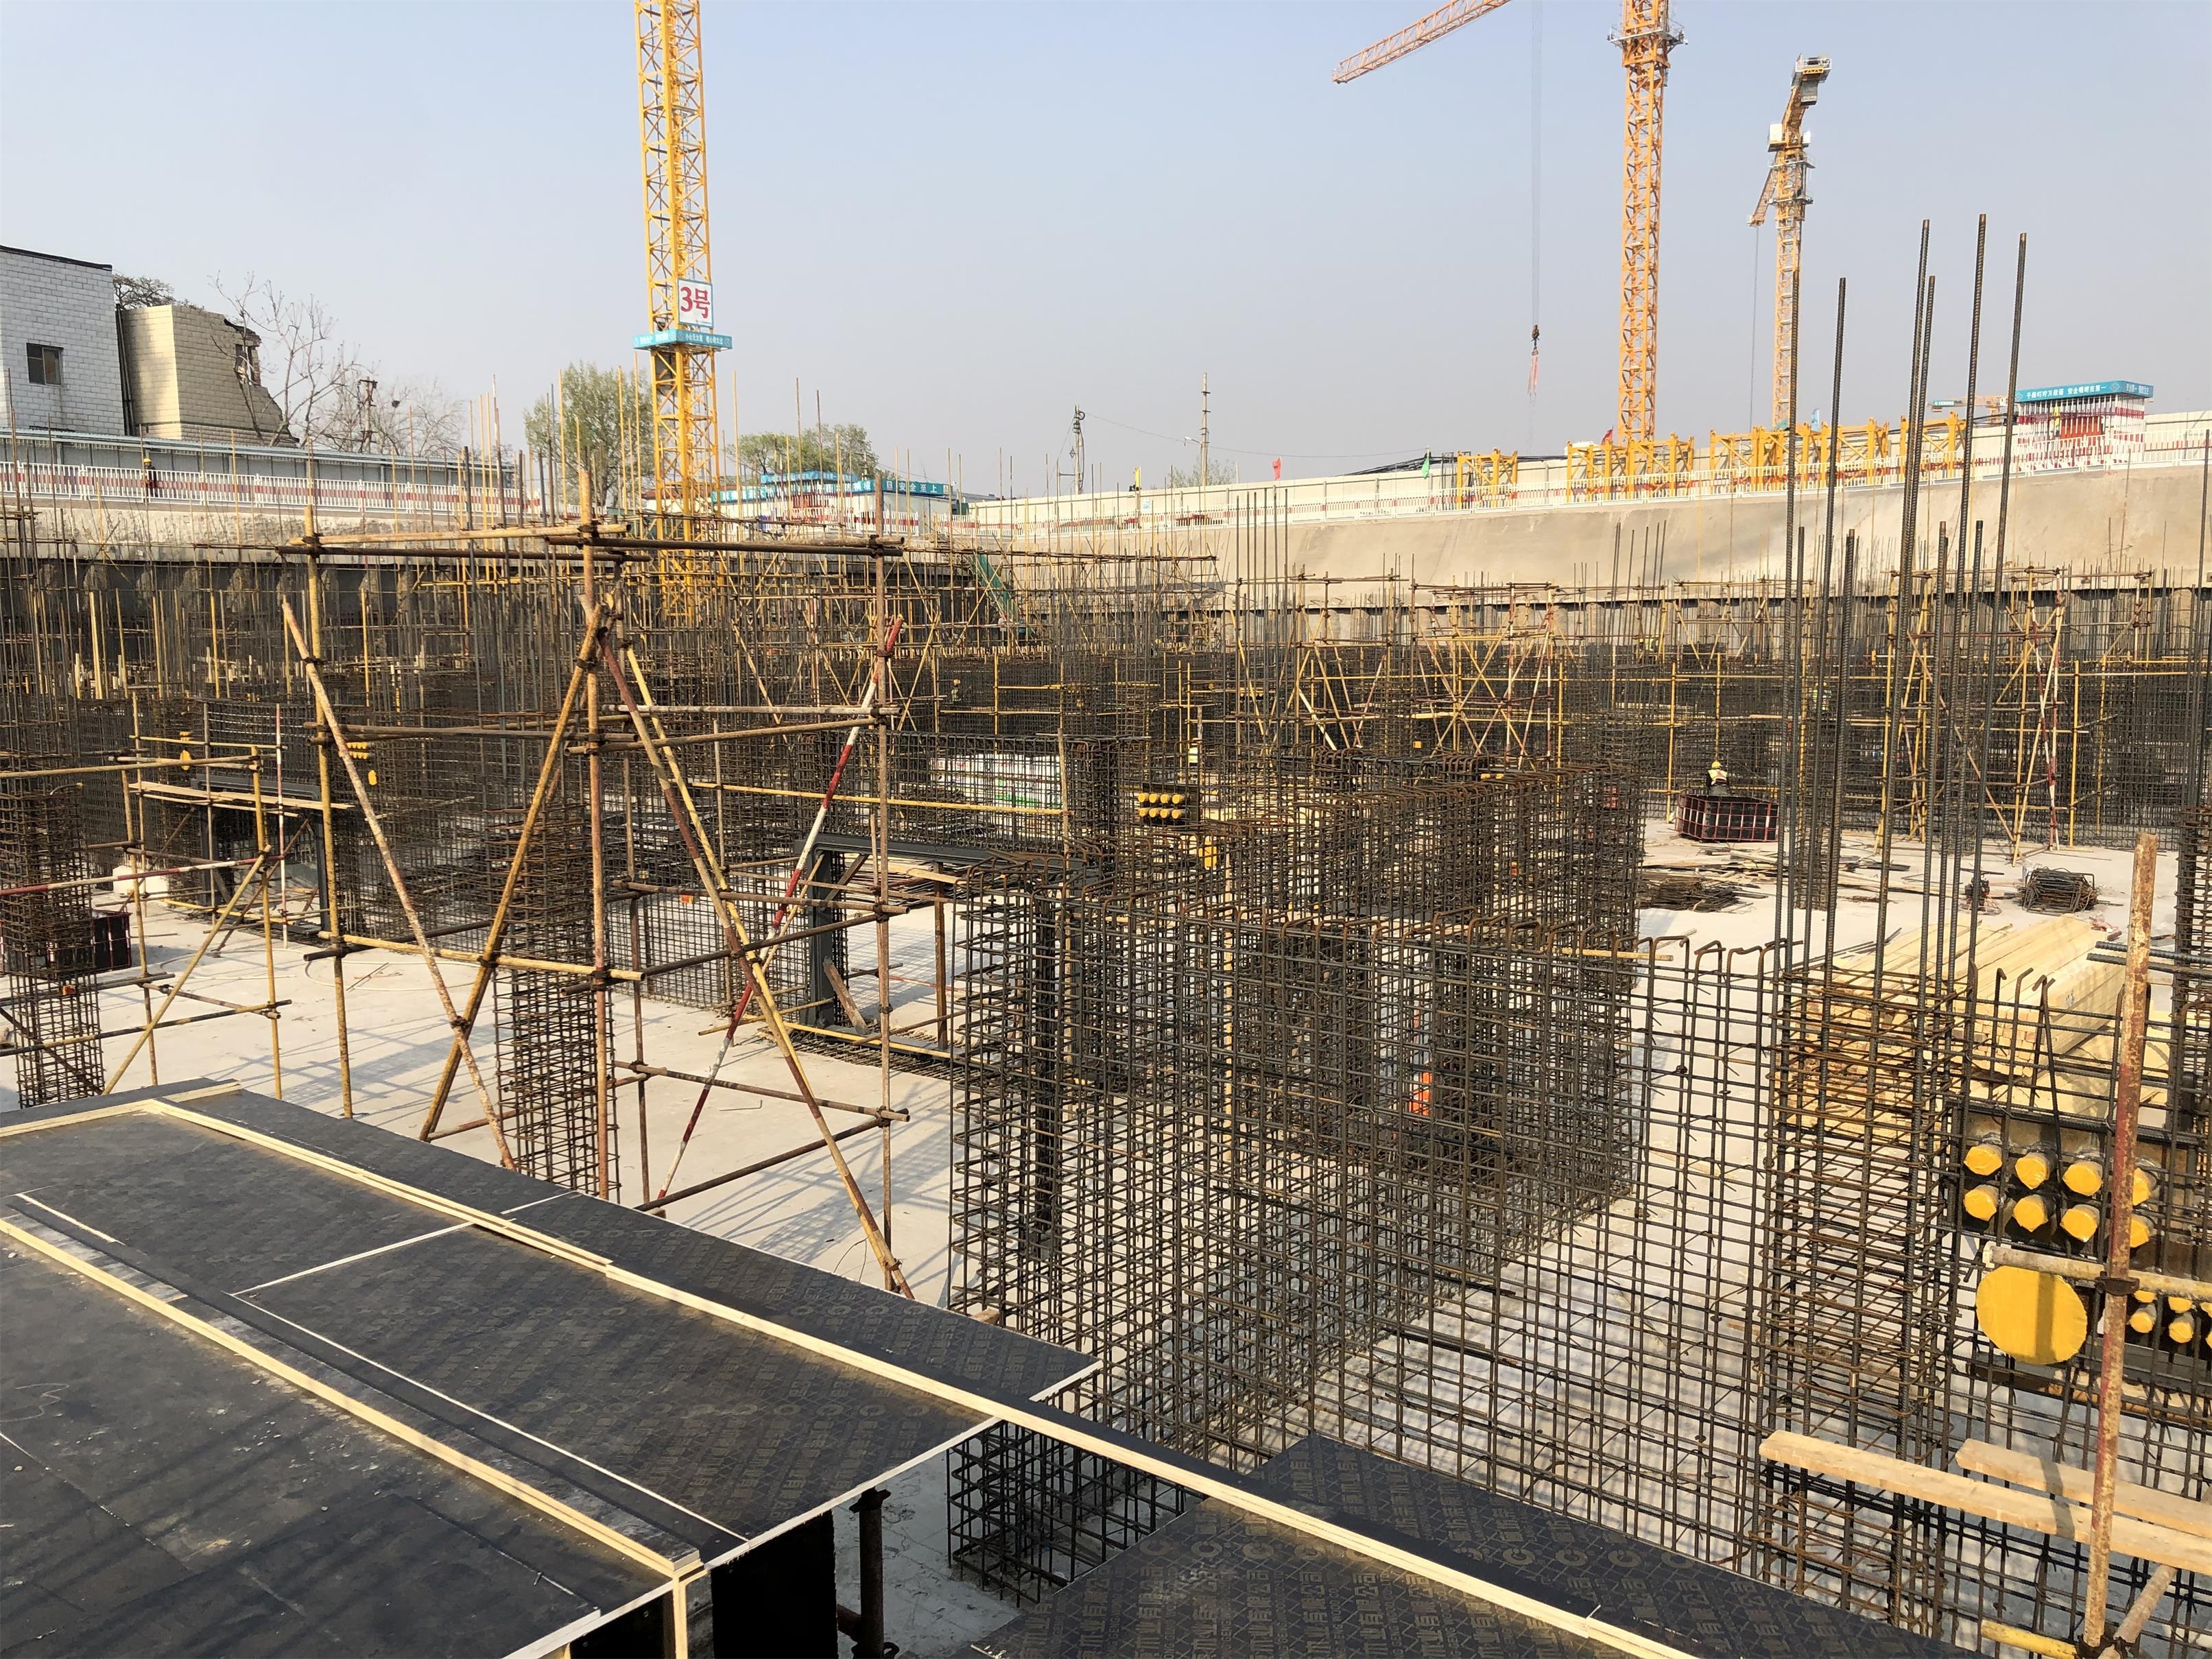 房山区长阳镇06、07街区棚户区改造土地开发四片区项目FS10-0107-0024地块